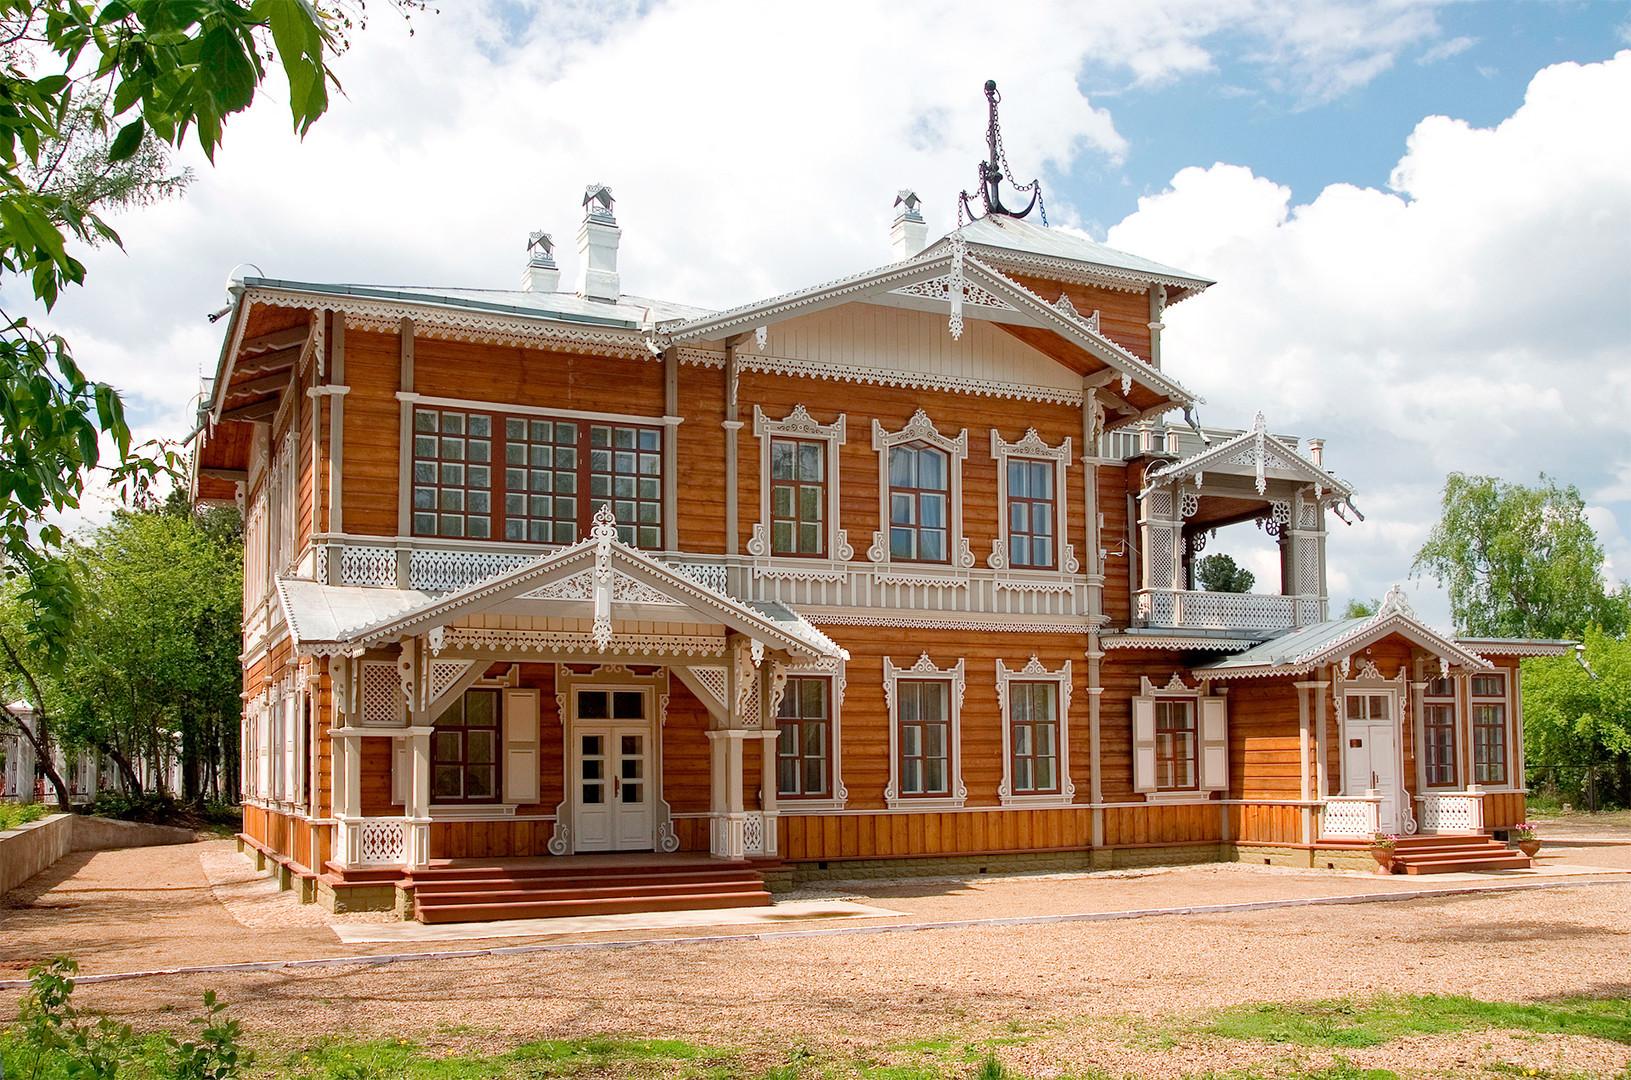 ウラジーミル・スハチョフの家